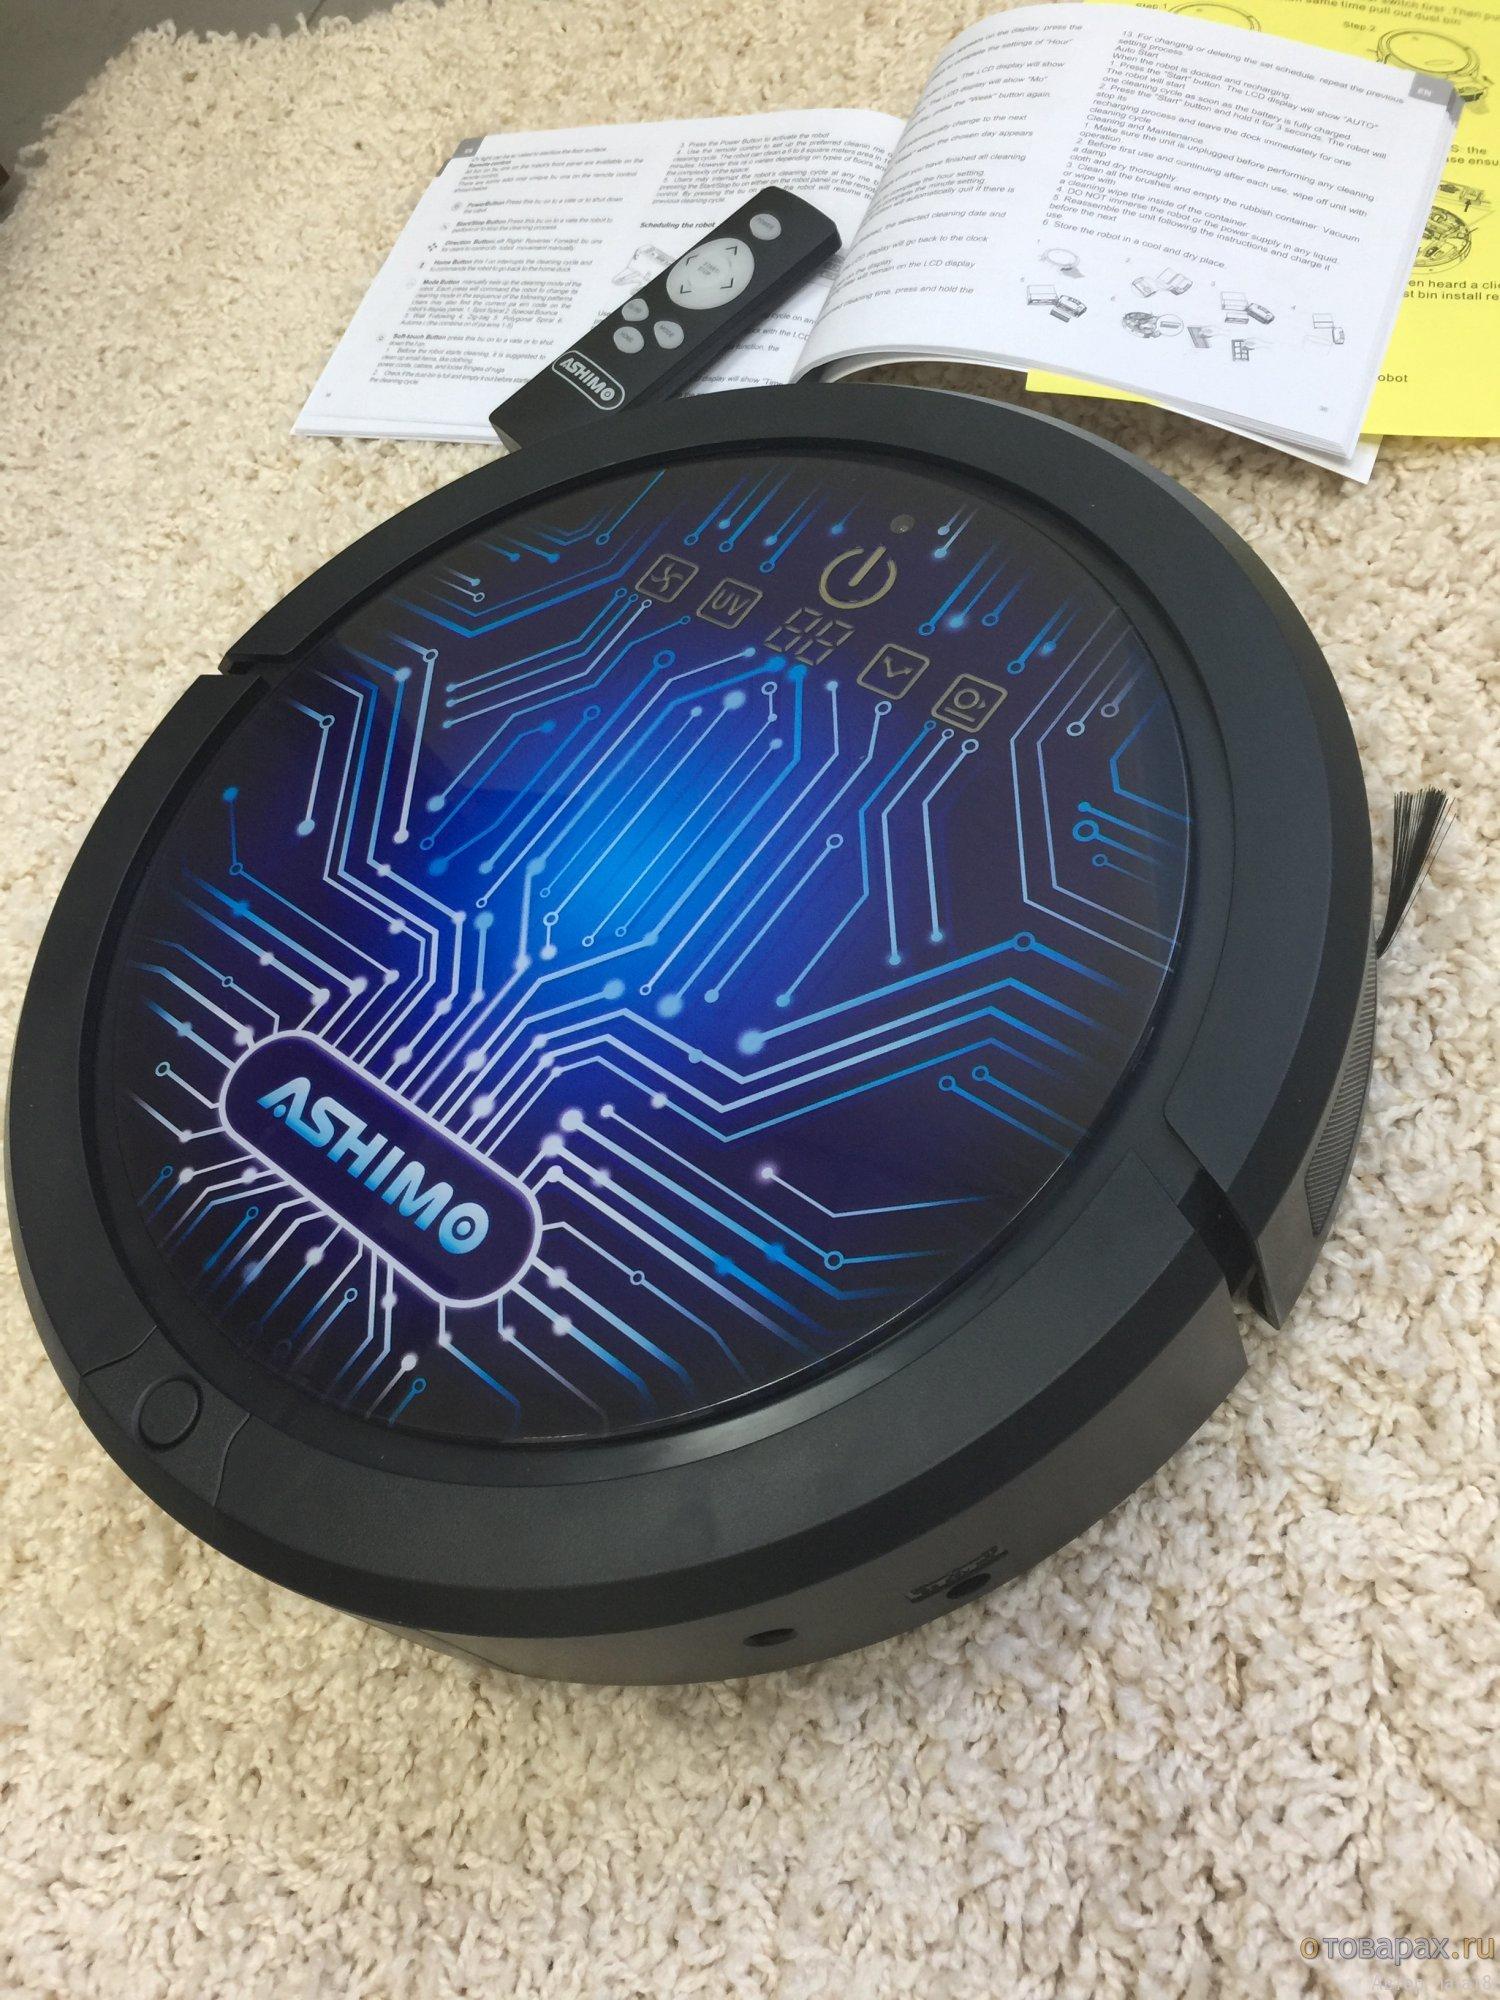 Роботы-пылесосы Ashimo: отзывы о производителе + обзор лучших моделей